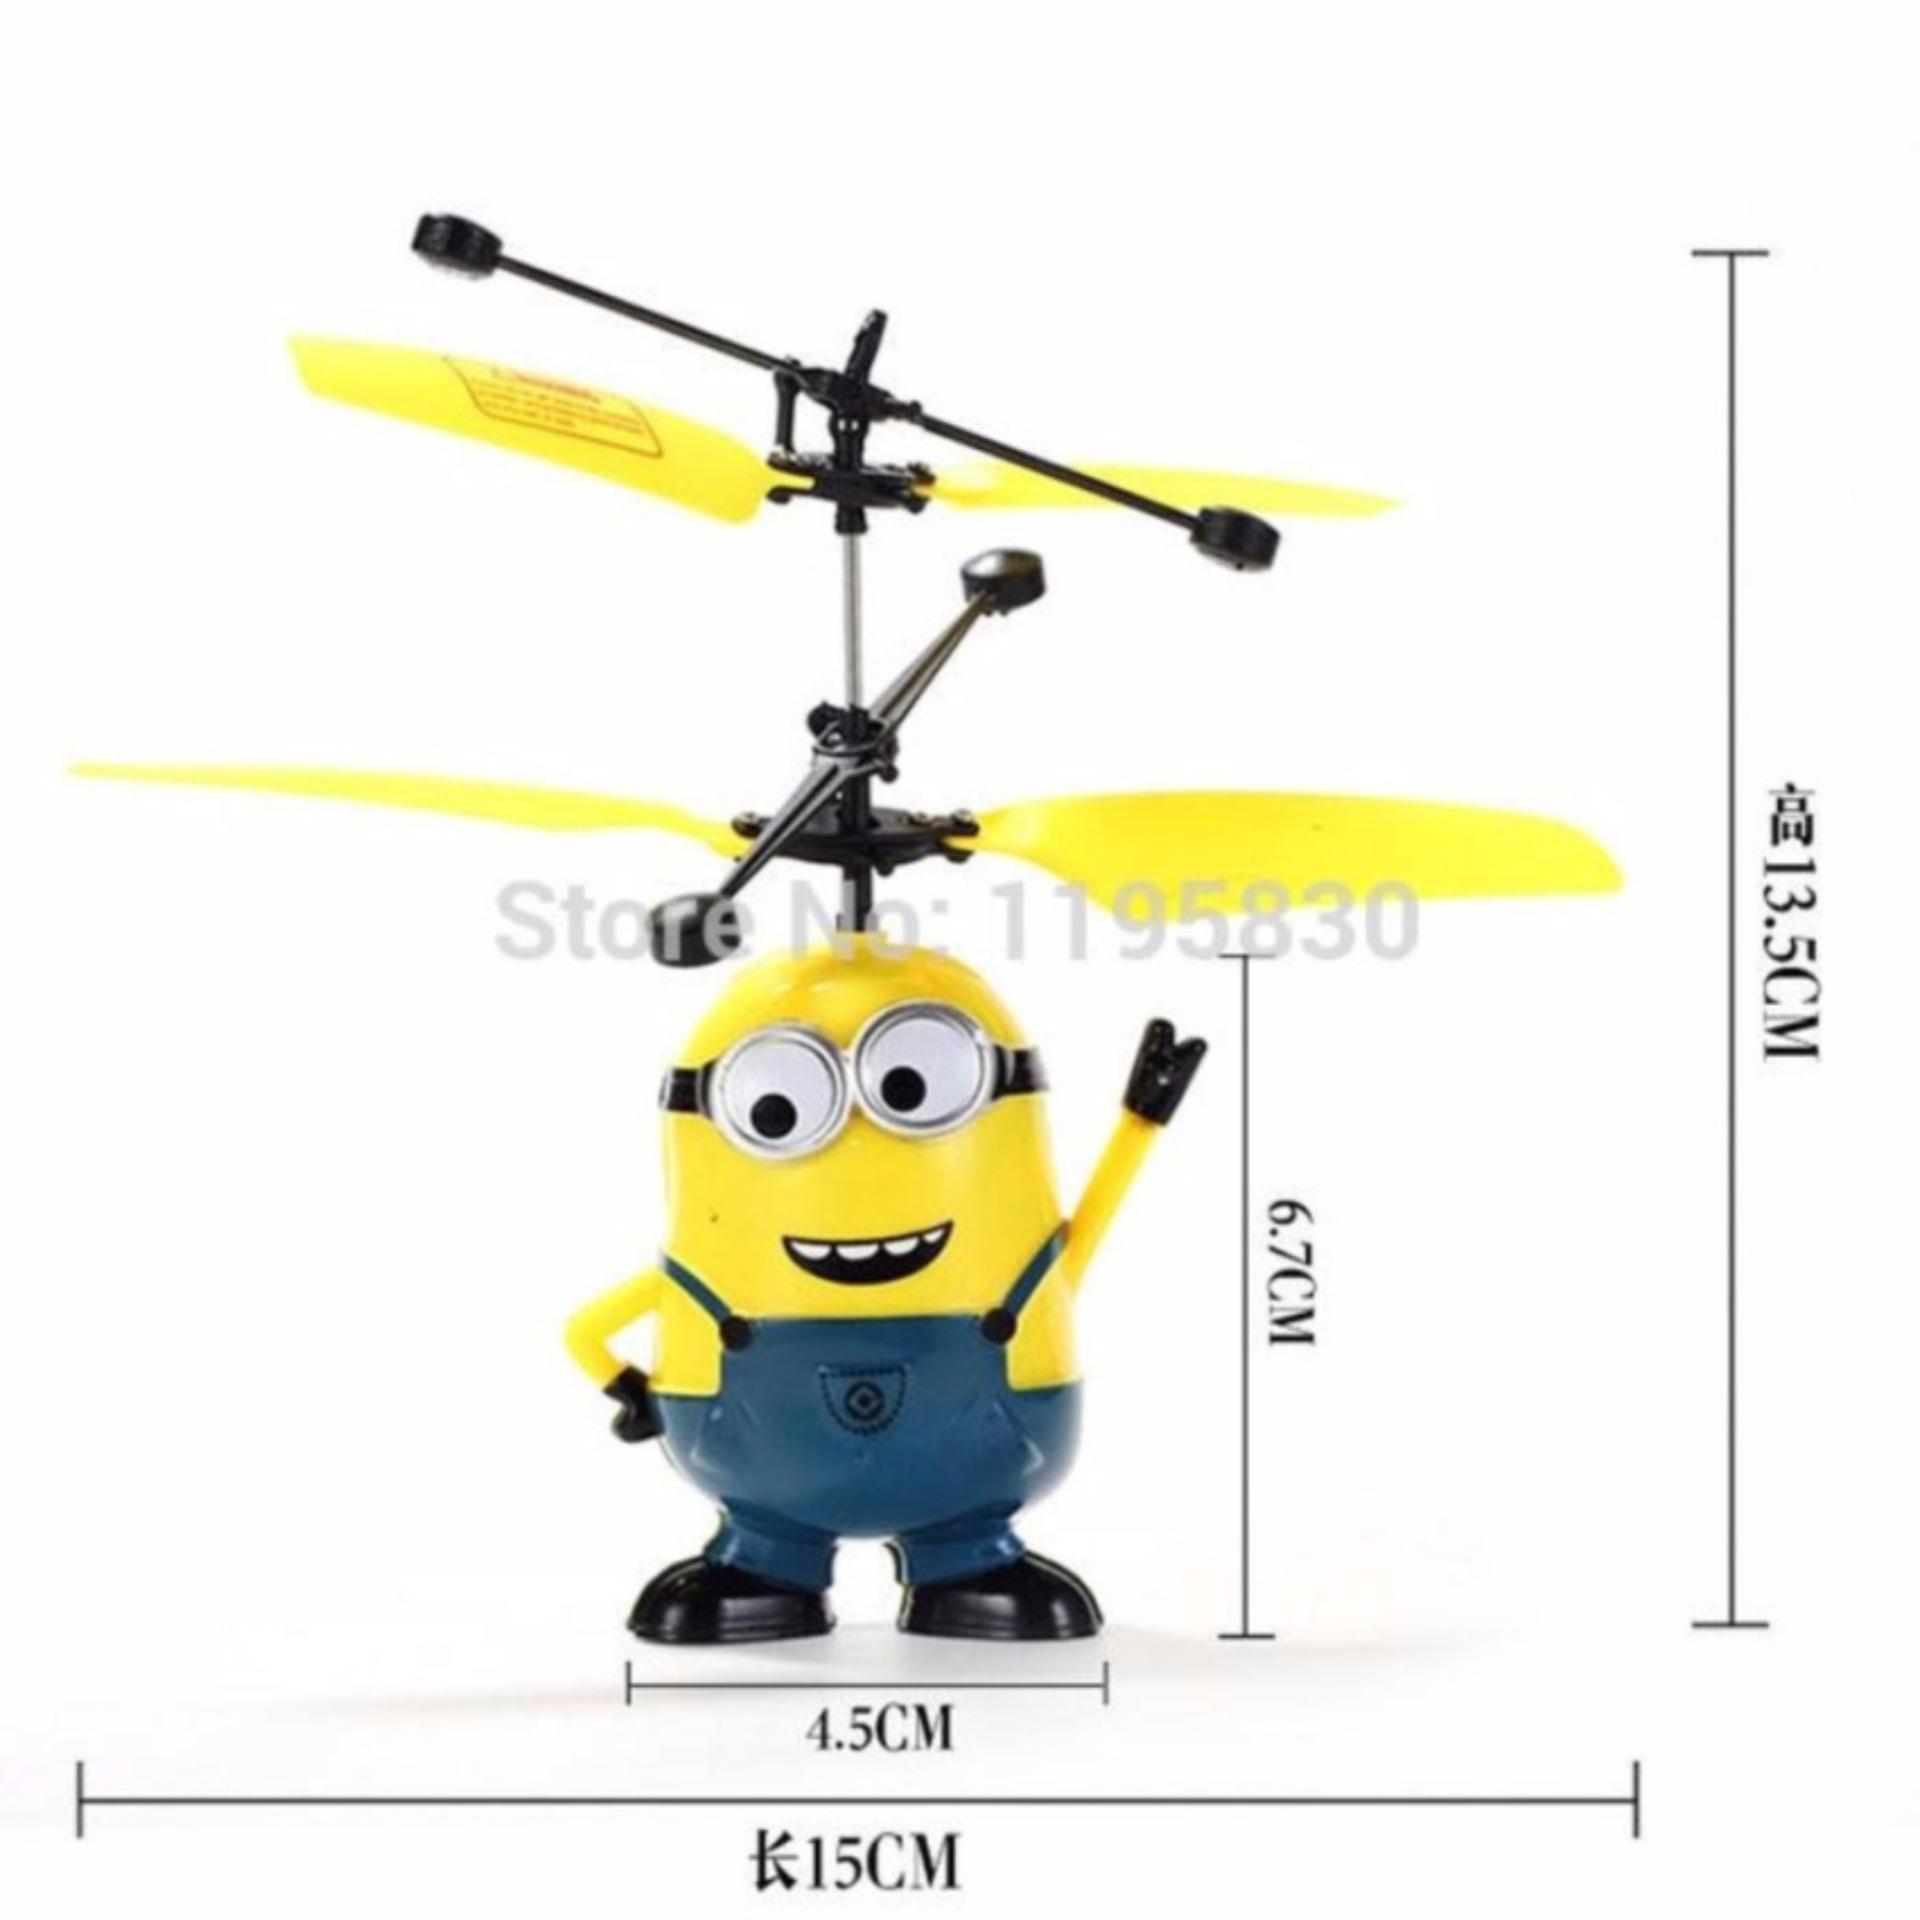 Flying Toy - Mainan Anak Terbang - sensor tangan - Karakter MINIO .